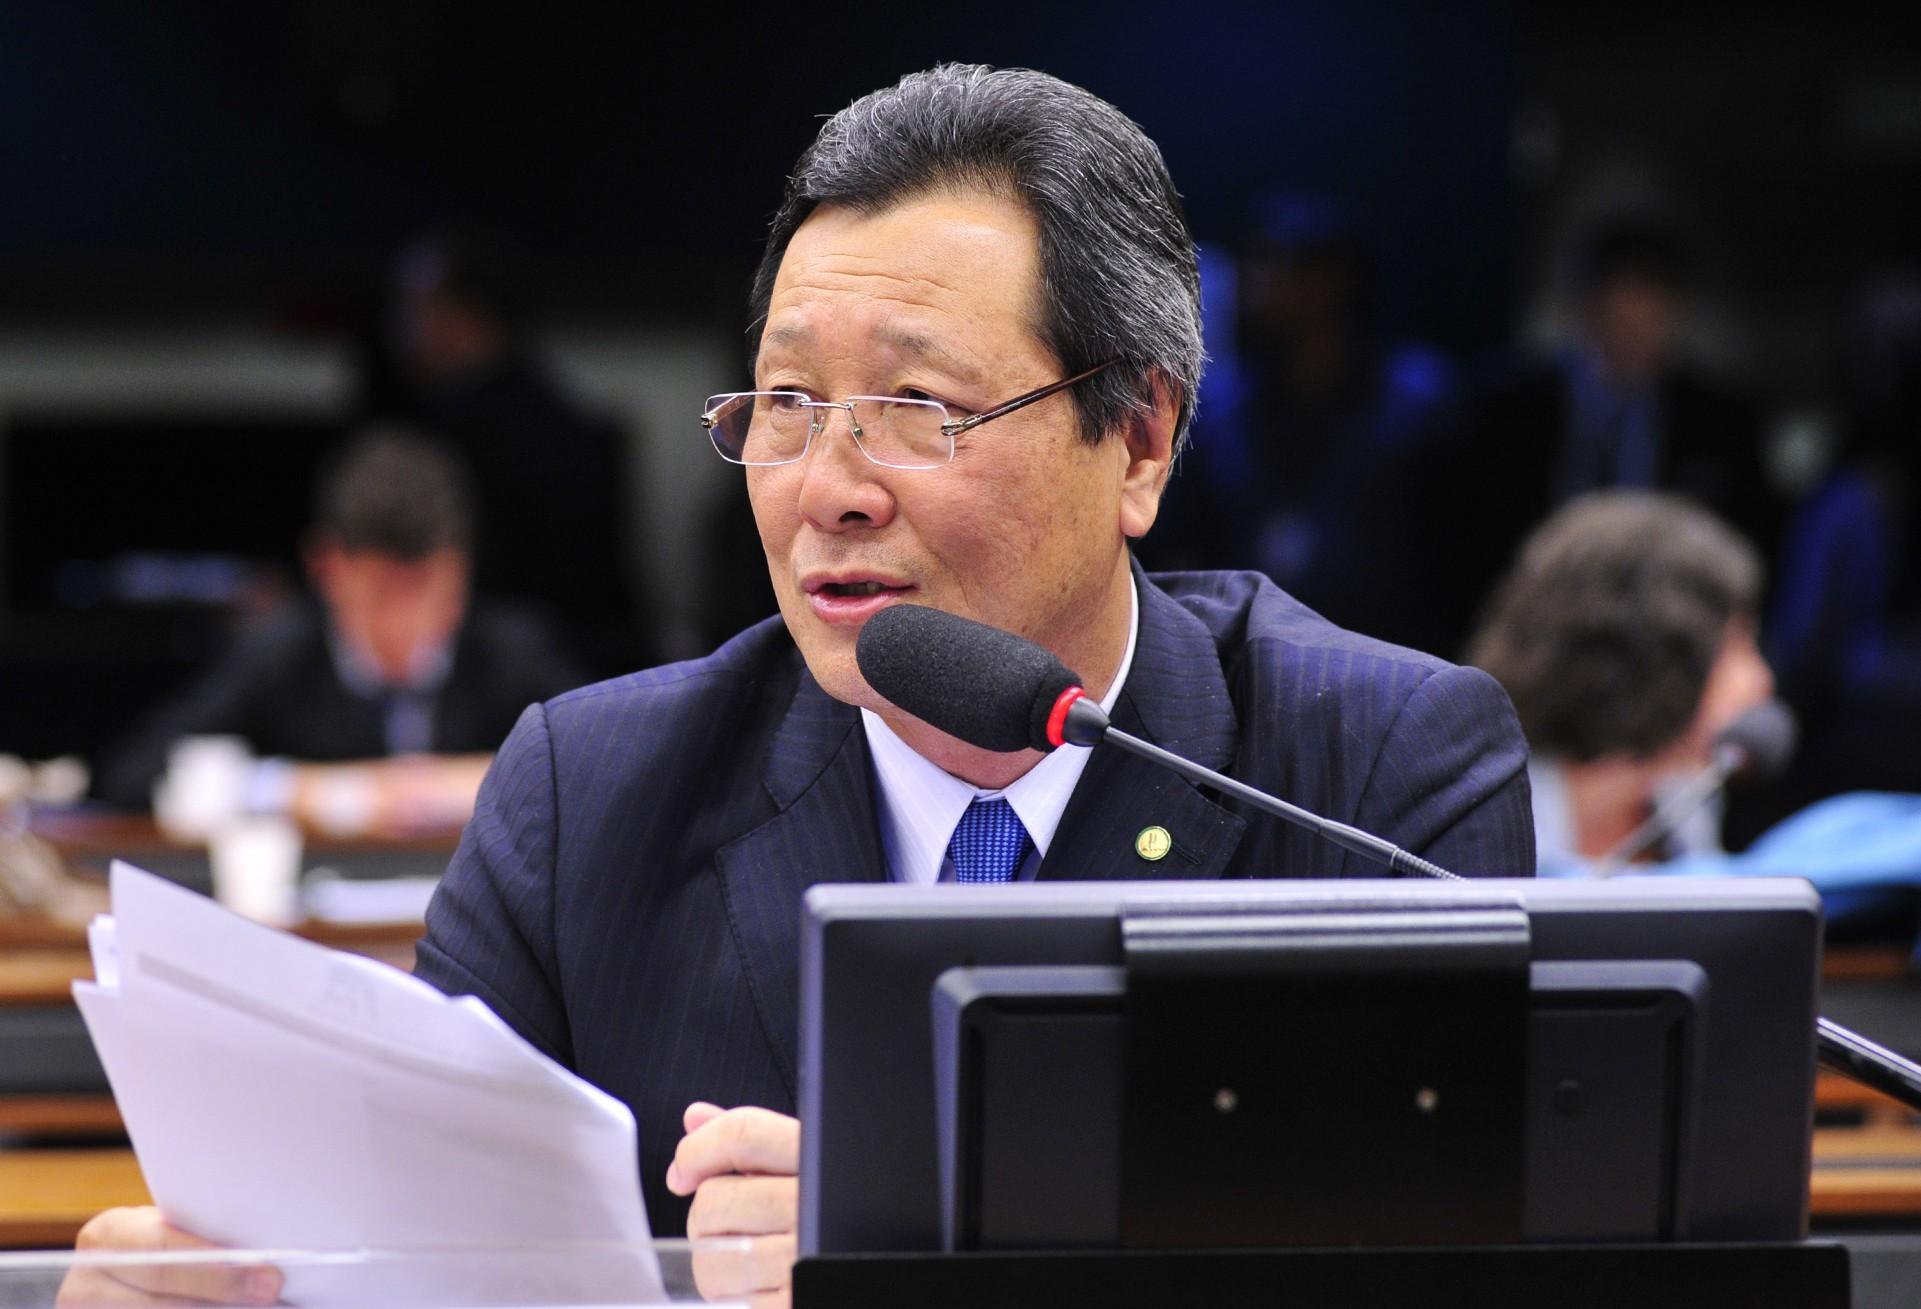 Decisão do STF trouxe segurança jurídica, avalia deputado federal Luiz Nishimori (PR)